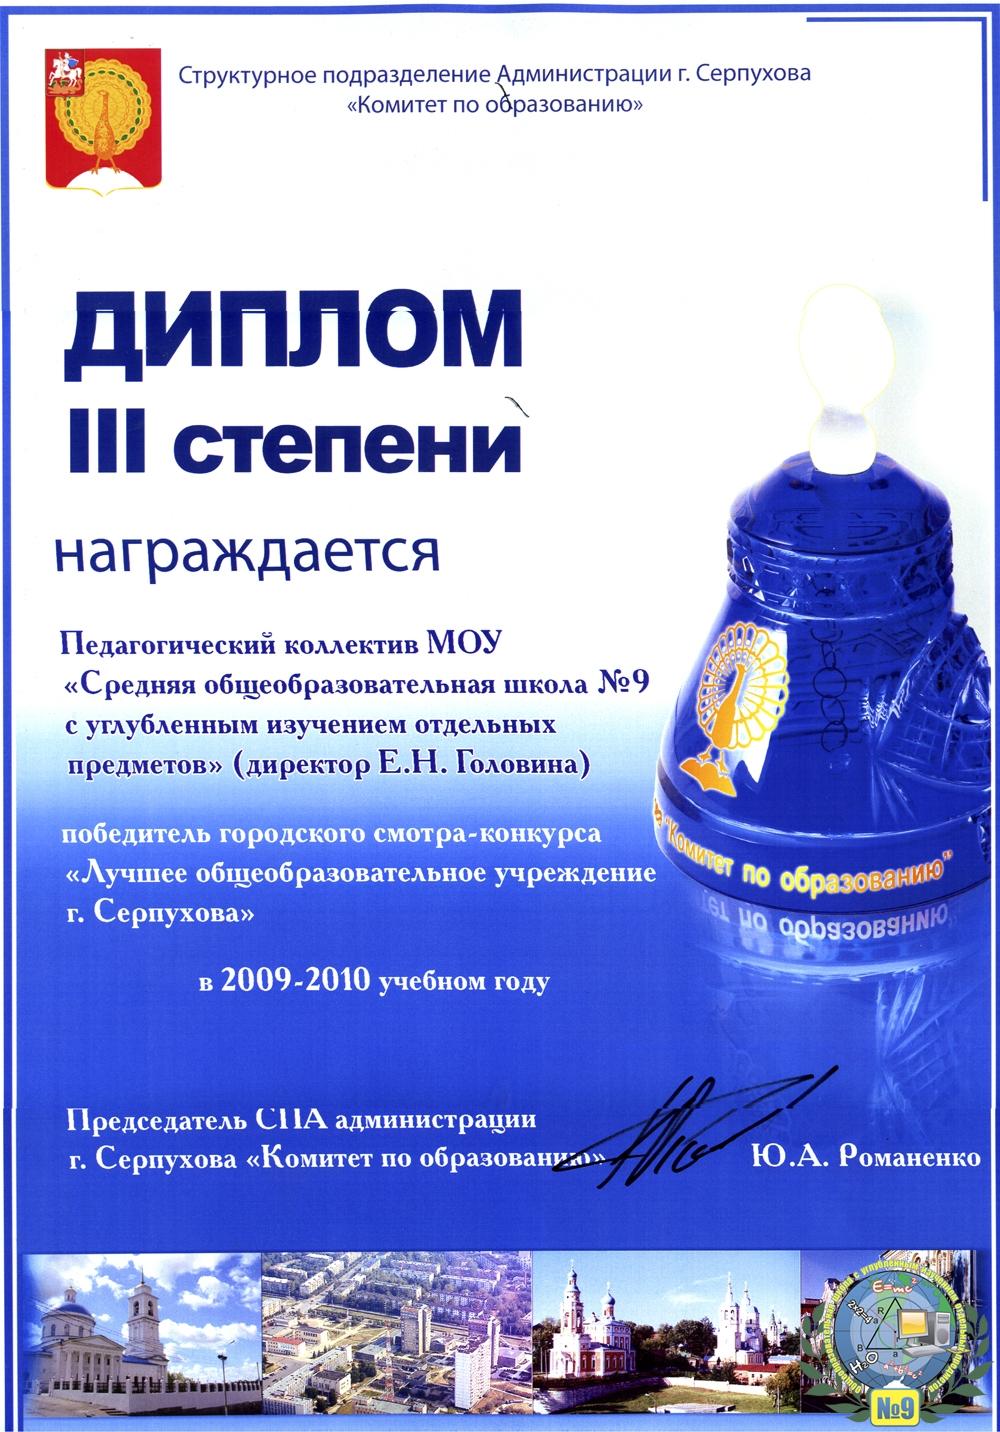 42E9C183F502-1